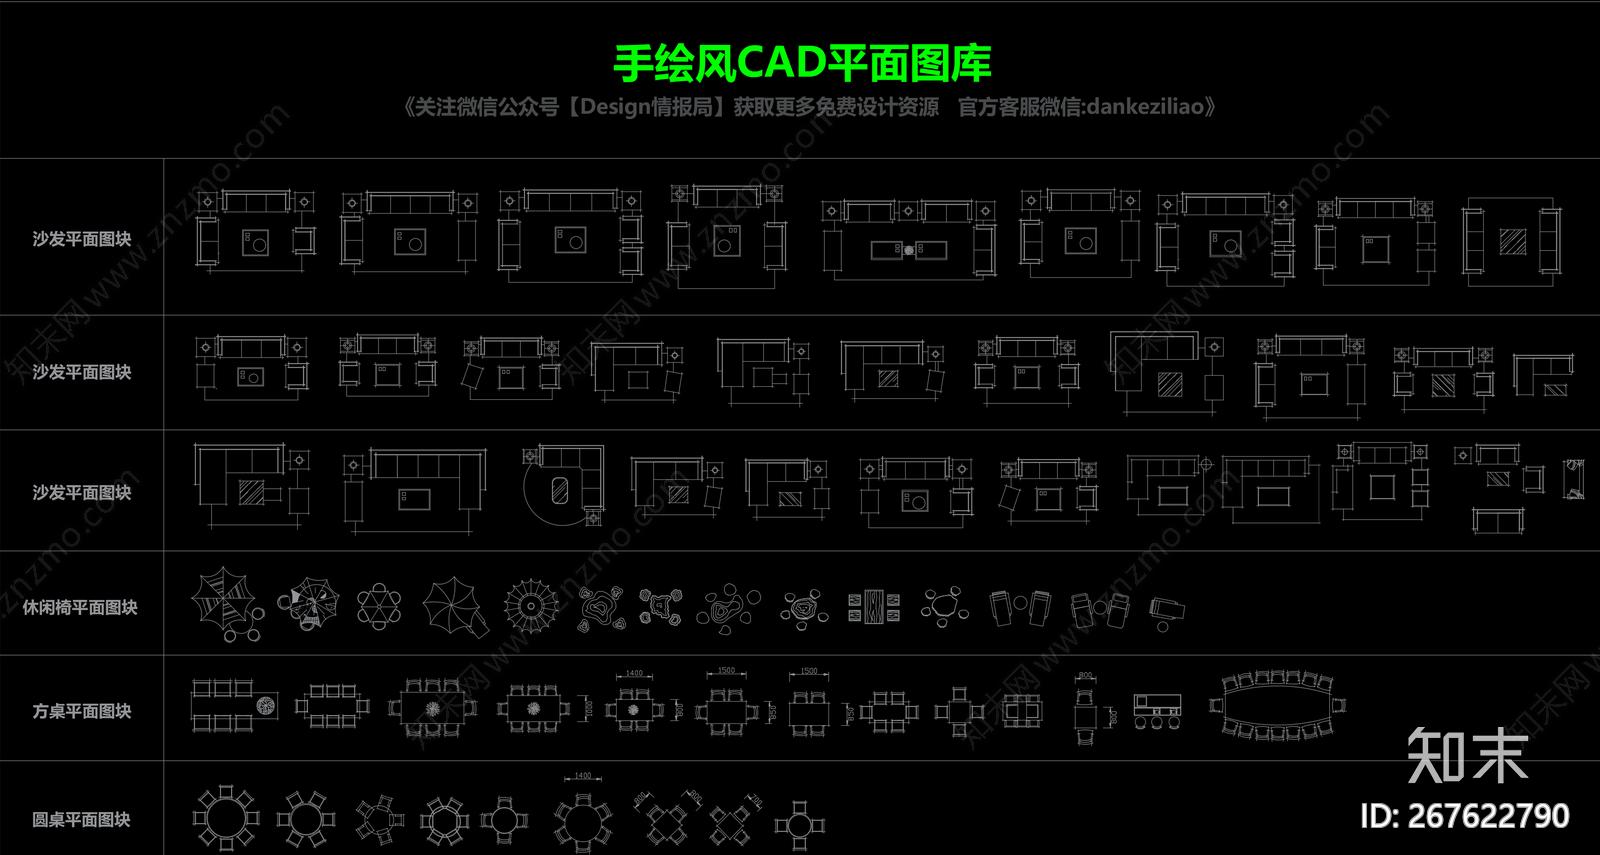 手绘风CAD图库施工图下载【ID:267622790】